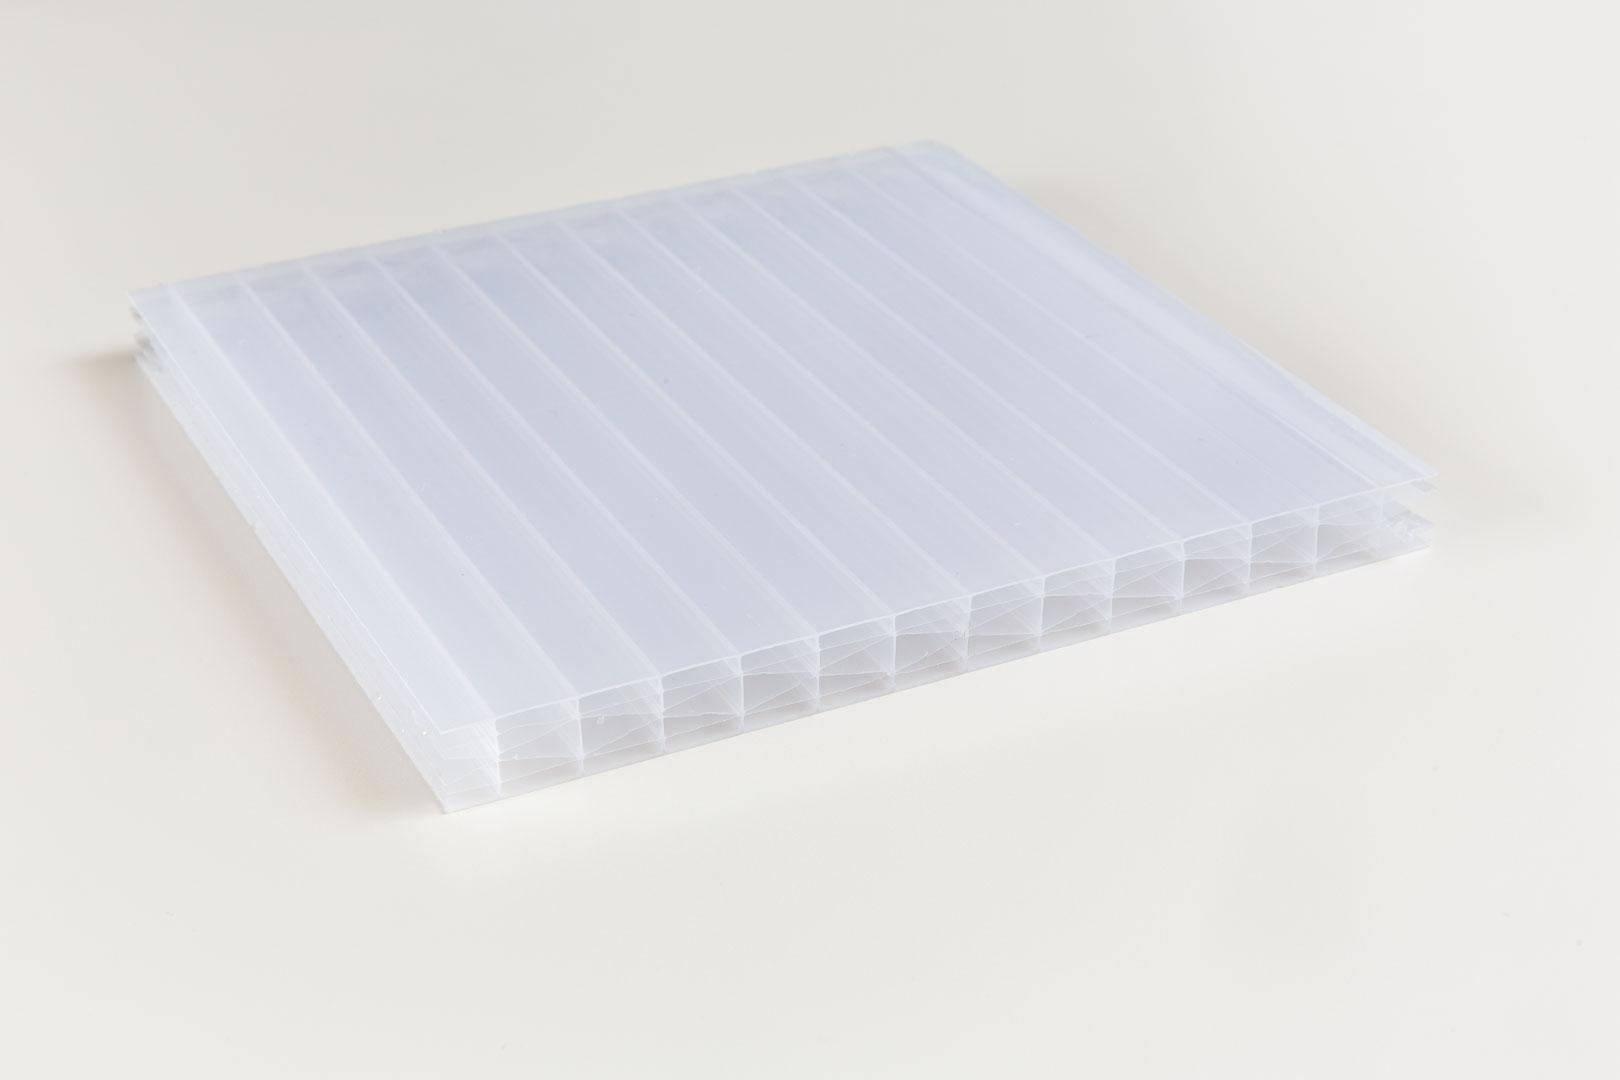 Polycarbonat 16mm X-Struktur opal